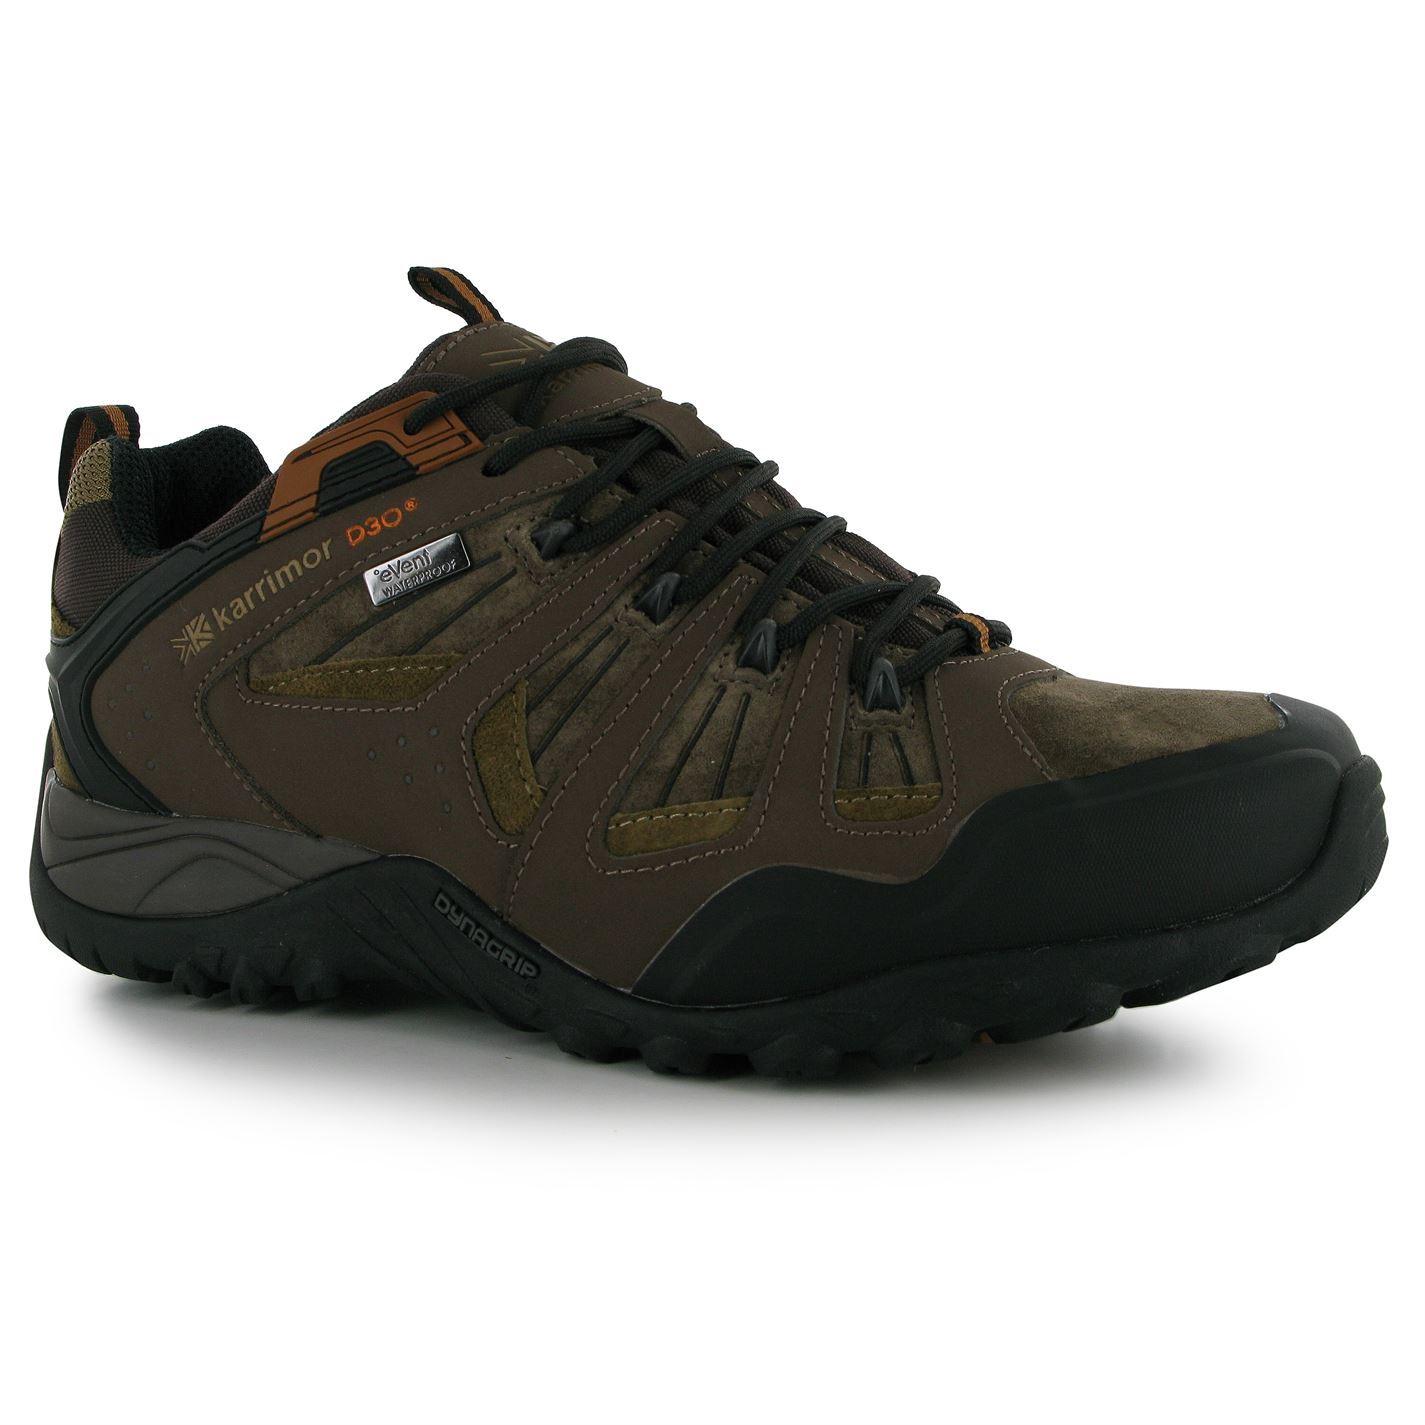 Karimour Walking Shoes